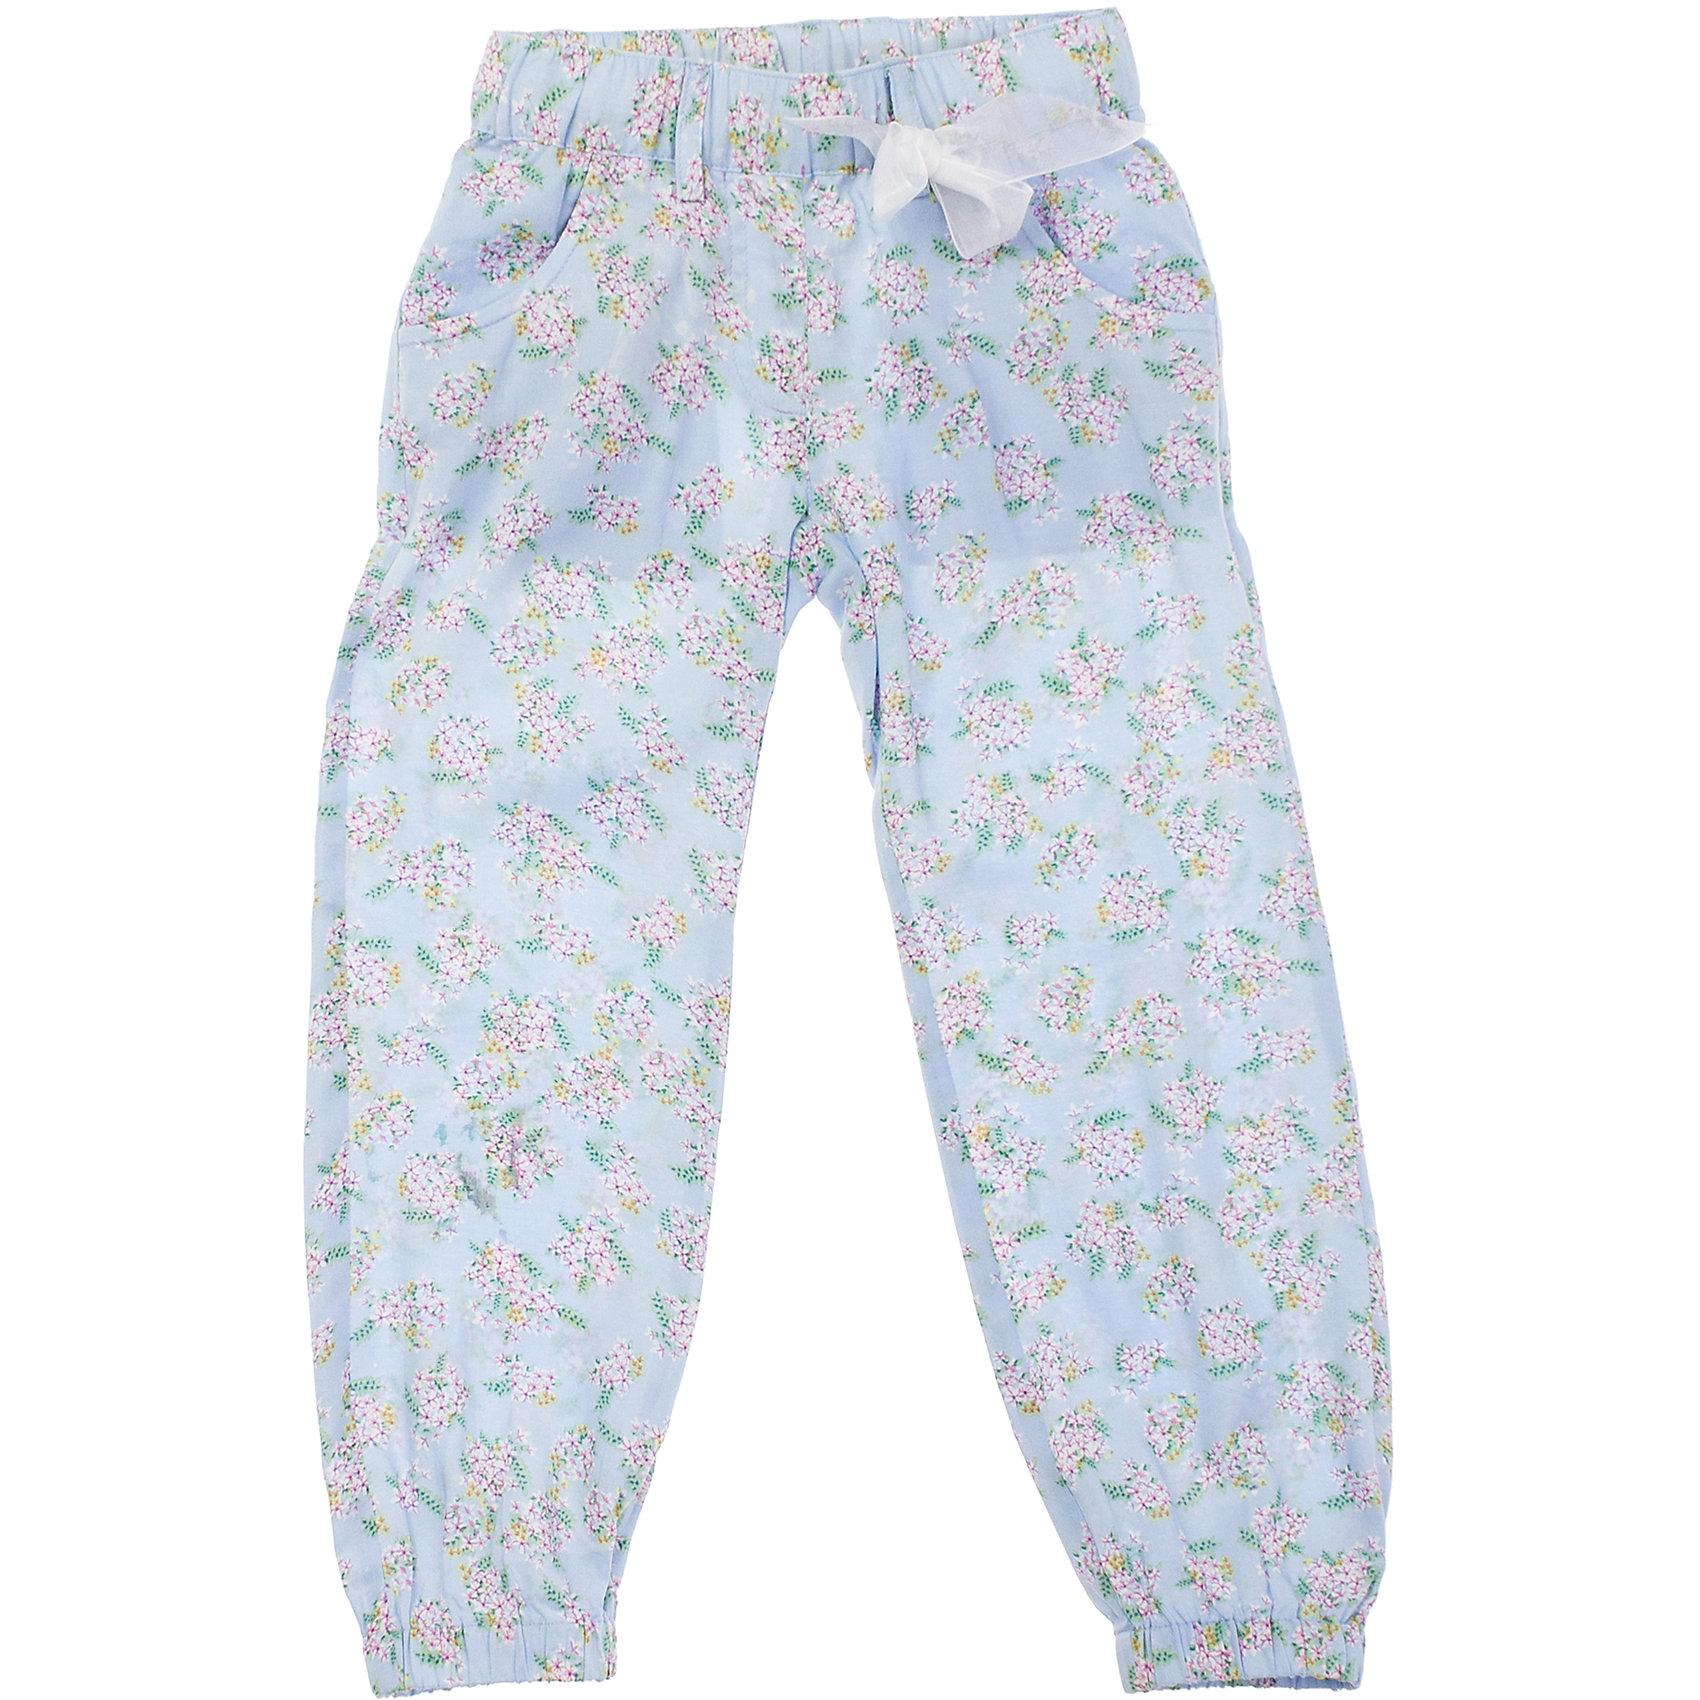 Брюки для девочки PlayTodayЛегкие и воздушные голубые брюки из вискозы. Украшены нежными розовыми цветочками и ягодками. Низ штанишек и пояс нарезинке, дополнительно регулируется тесьмой. Состав: 100% вискоза<br><br>Ширина мм: 215<br>Глубина мм: 88<br>Высота мм: 191<br>Вес г: 336<br>Цвет: голубой<br>Возраст от месяцев: 84<br>Возраст до месяцев: 96<br>Пол: Женский<br>Возраст: Детский<br>Размер: 128,122,116,98,110,104<br>SKU: 4652623